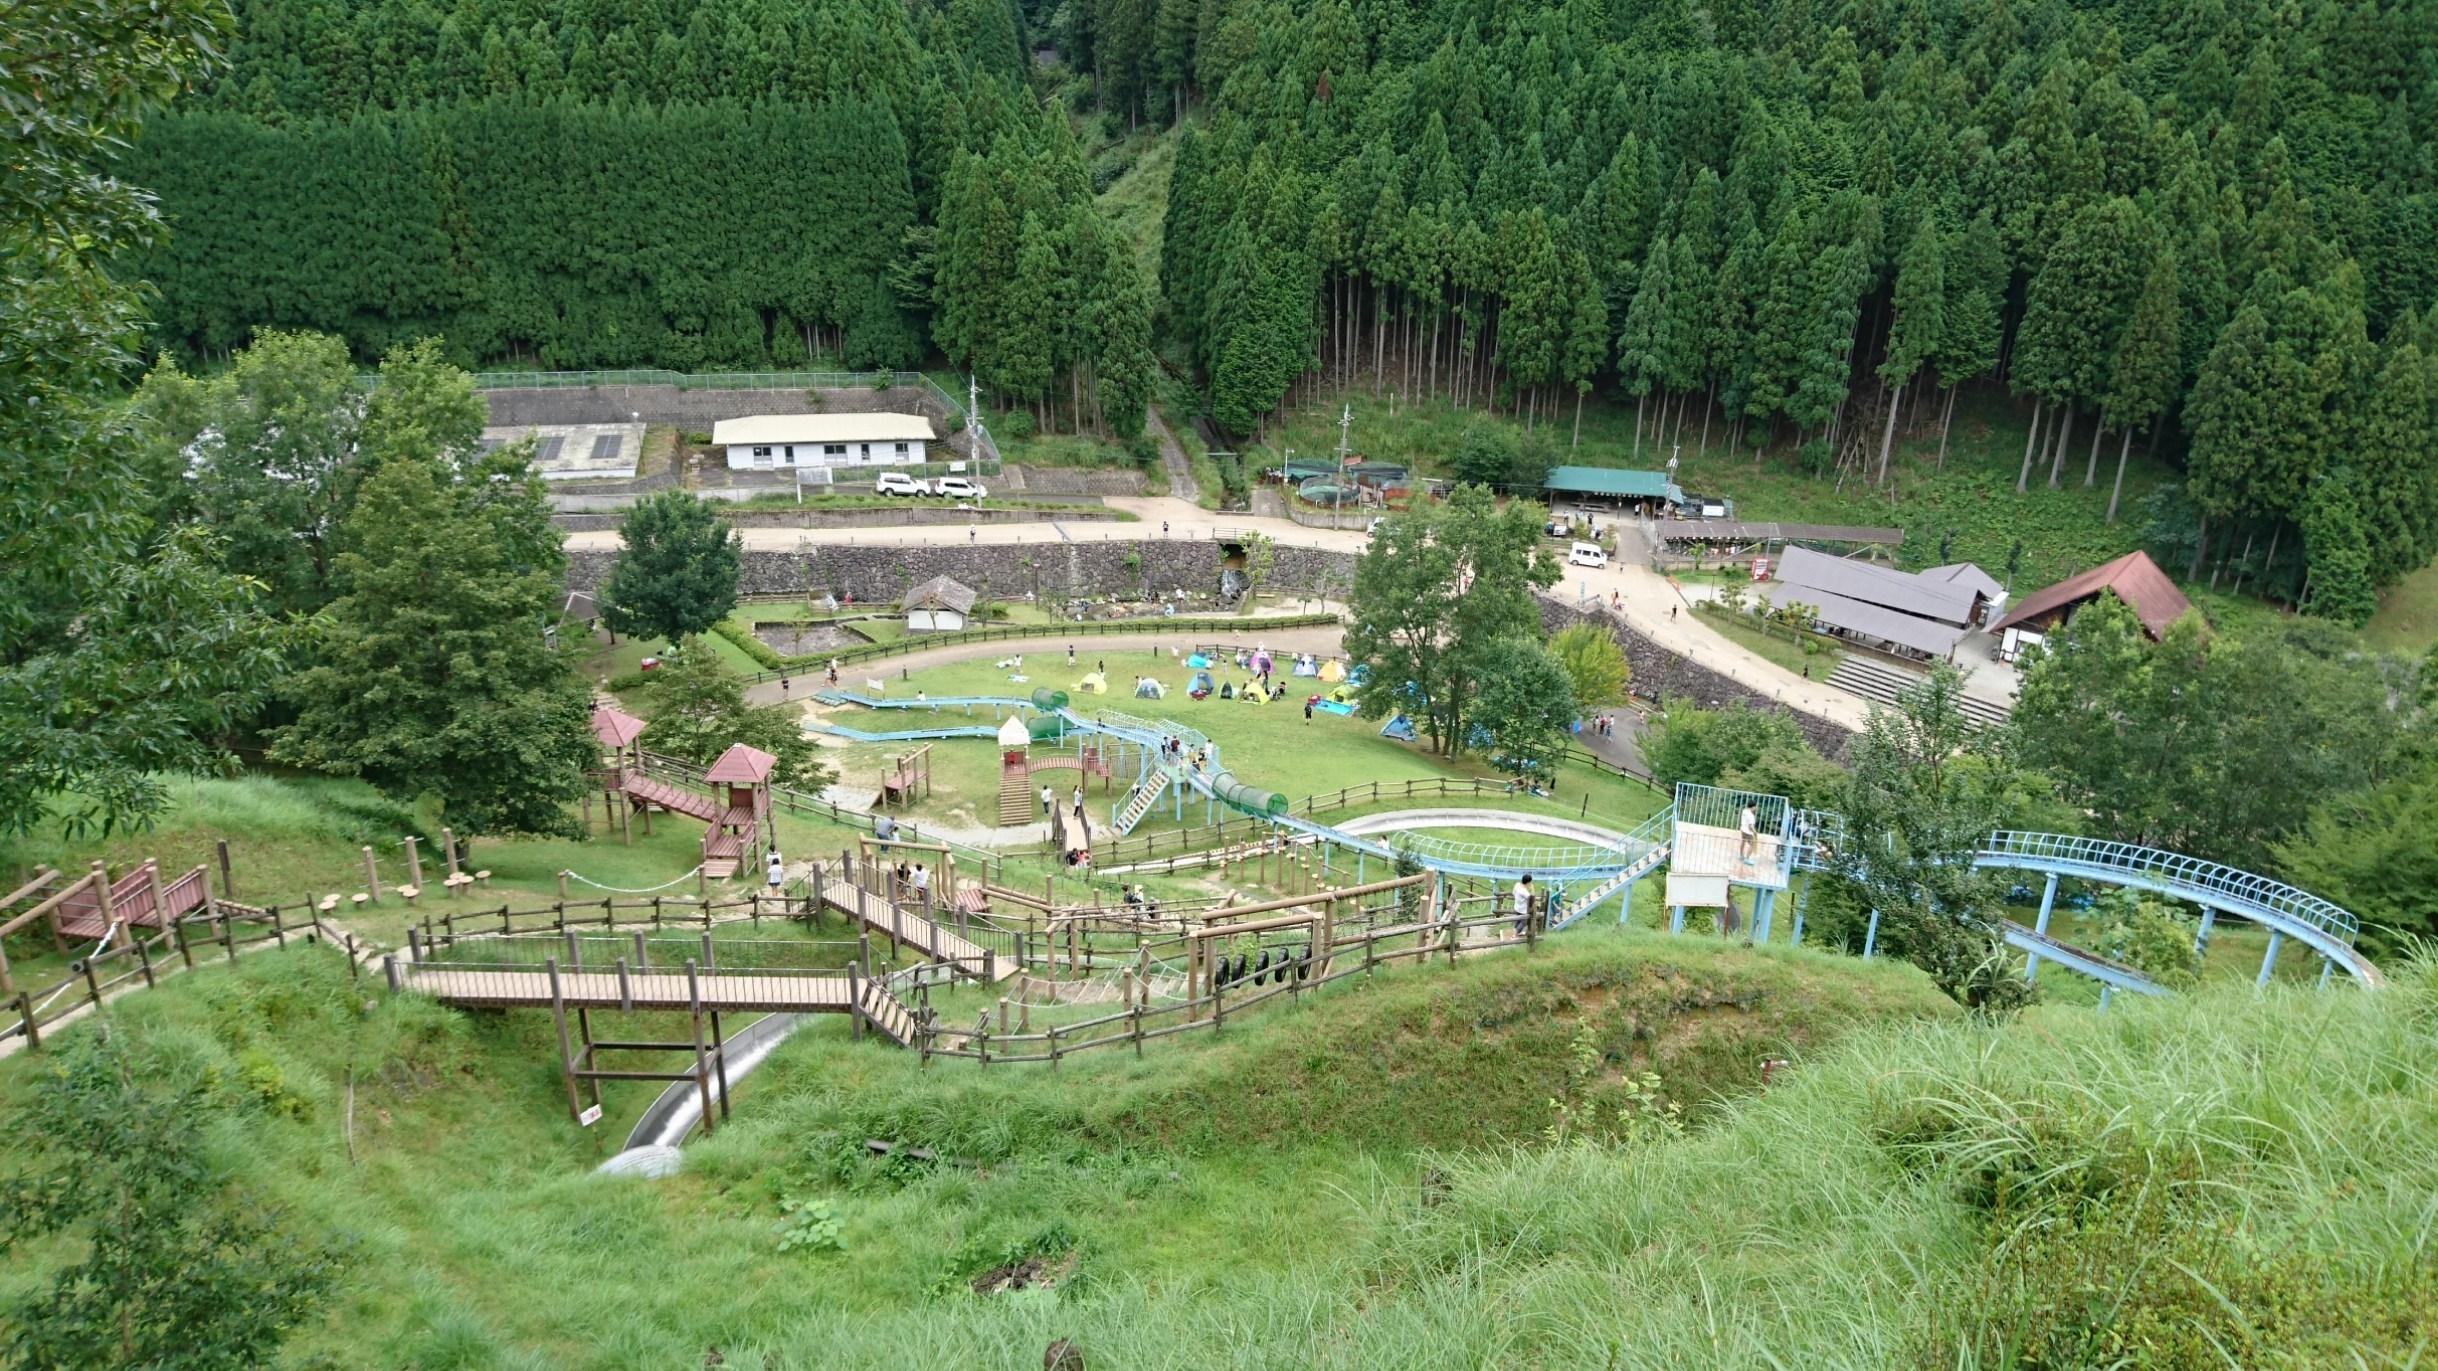 ボブスレーとアスレチックがあるおすすめの奈良県キャンプ場!